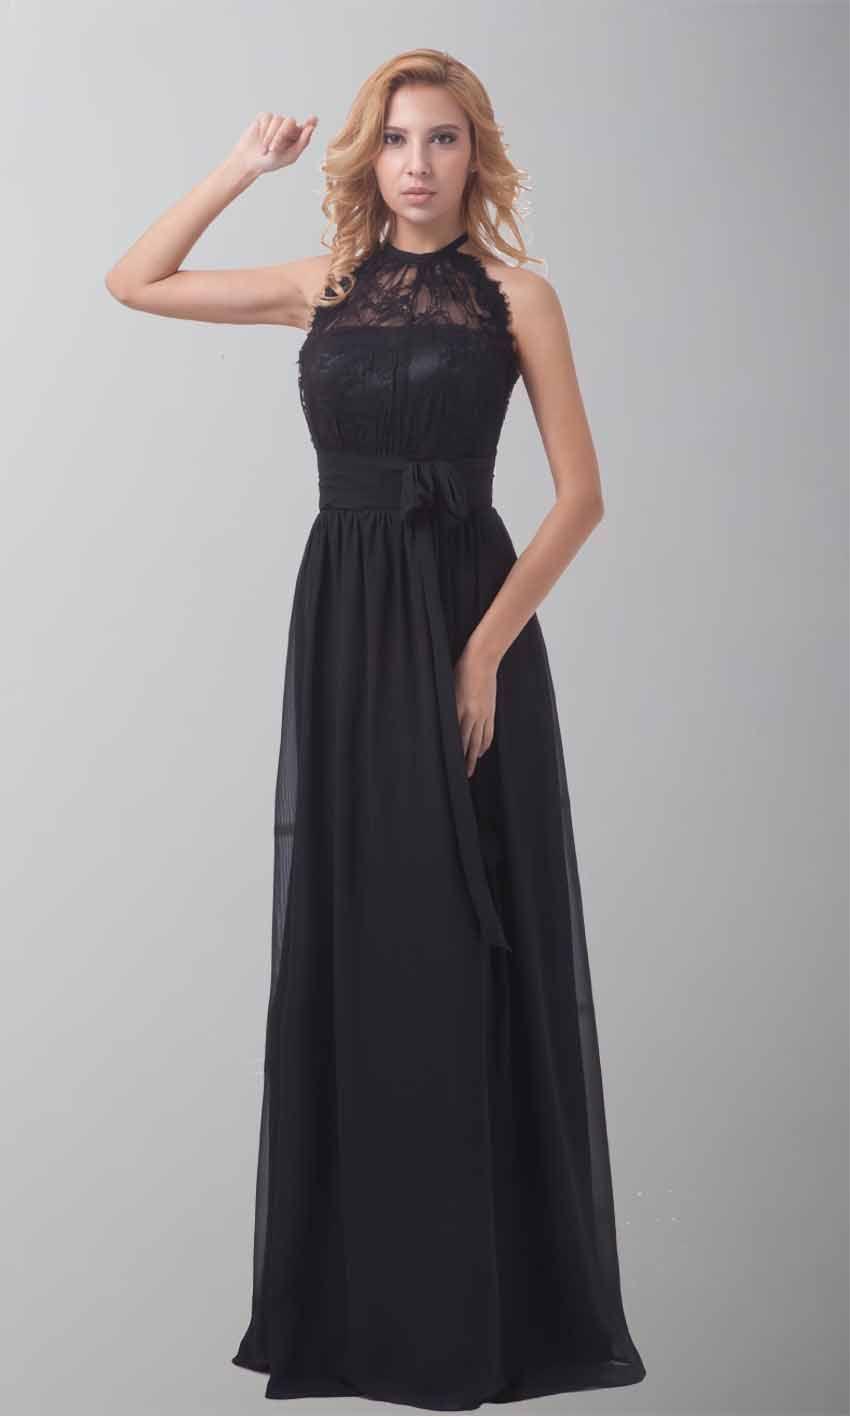 Halter Long Black Lace Formal Dress With Belt Ksp212 Dresses